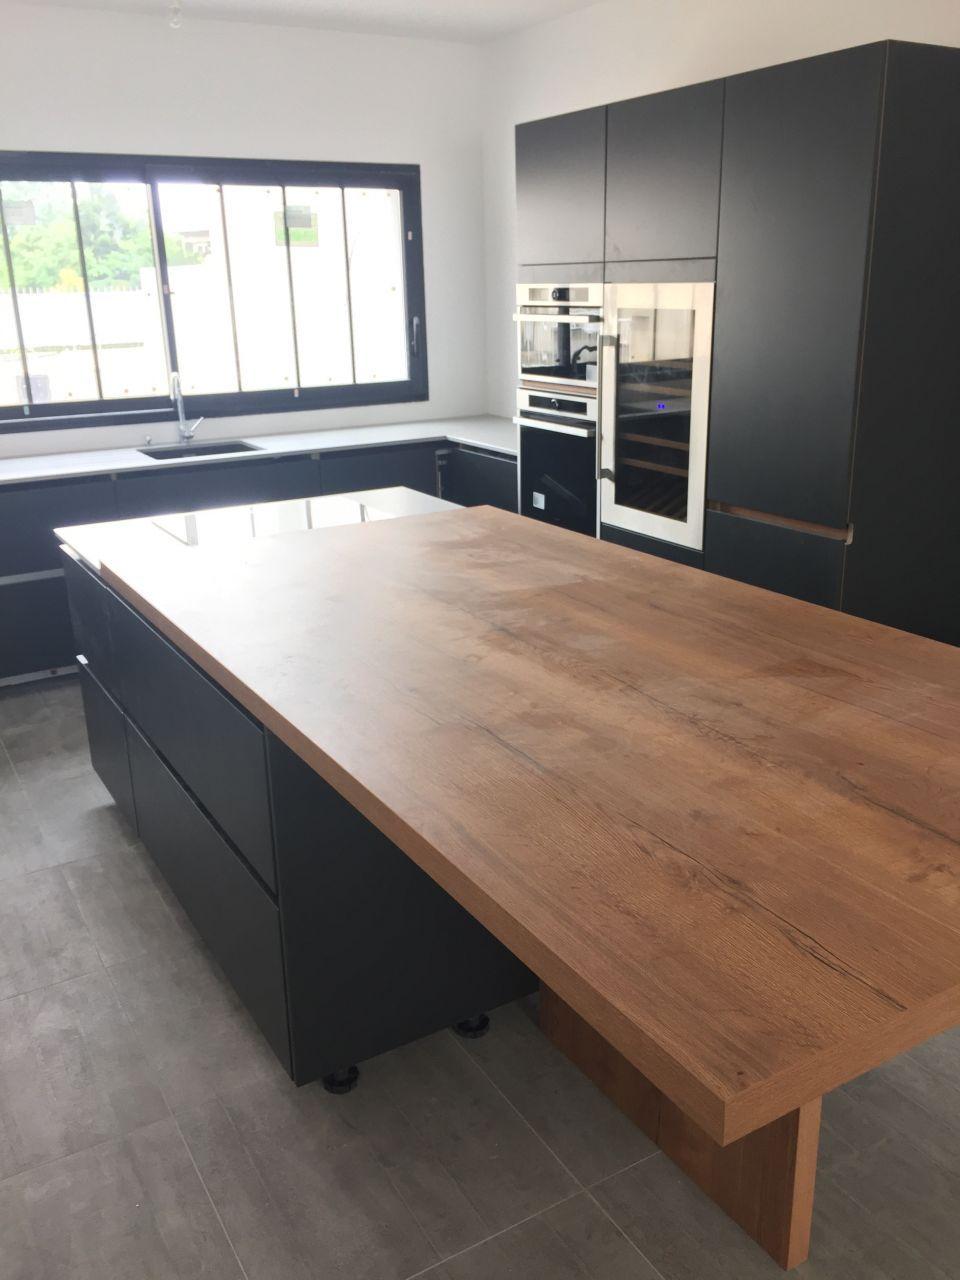 La Cuisine Avec Son Plan De Travail Dekton Autour De Levier Et De - Table de cuisine avec plan de travail